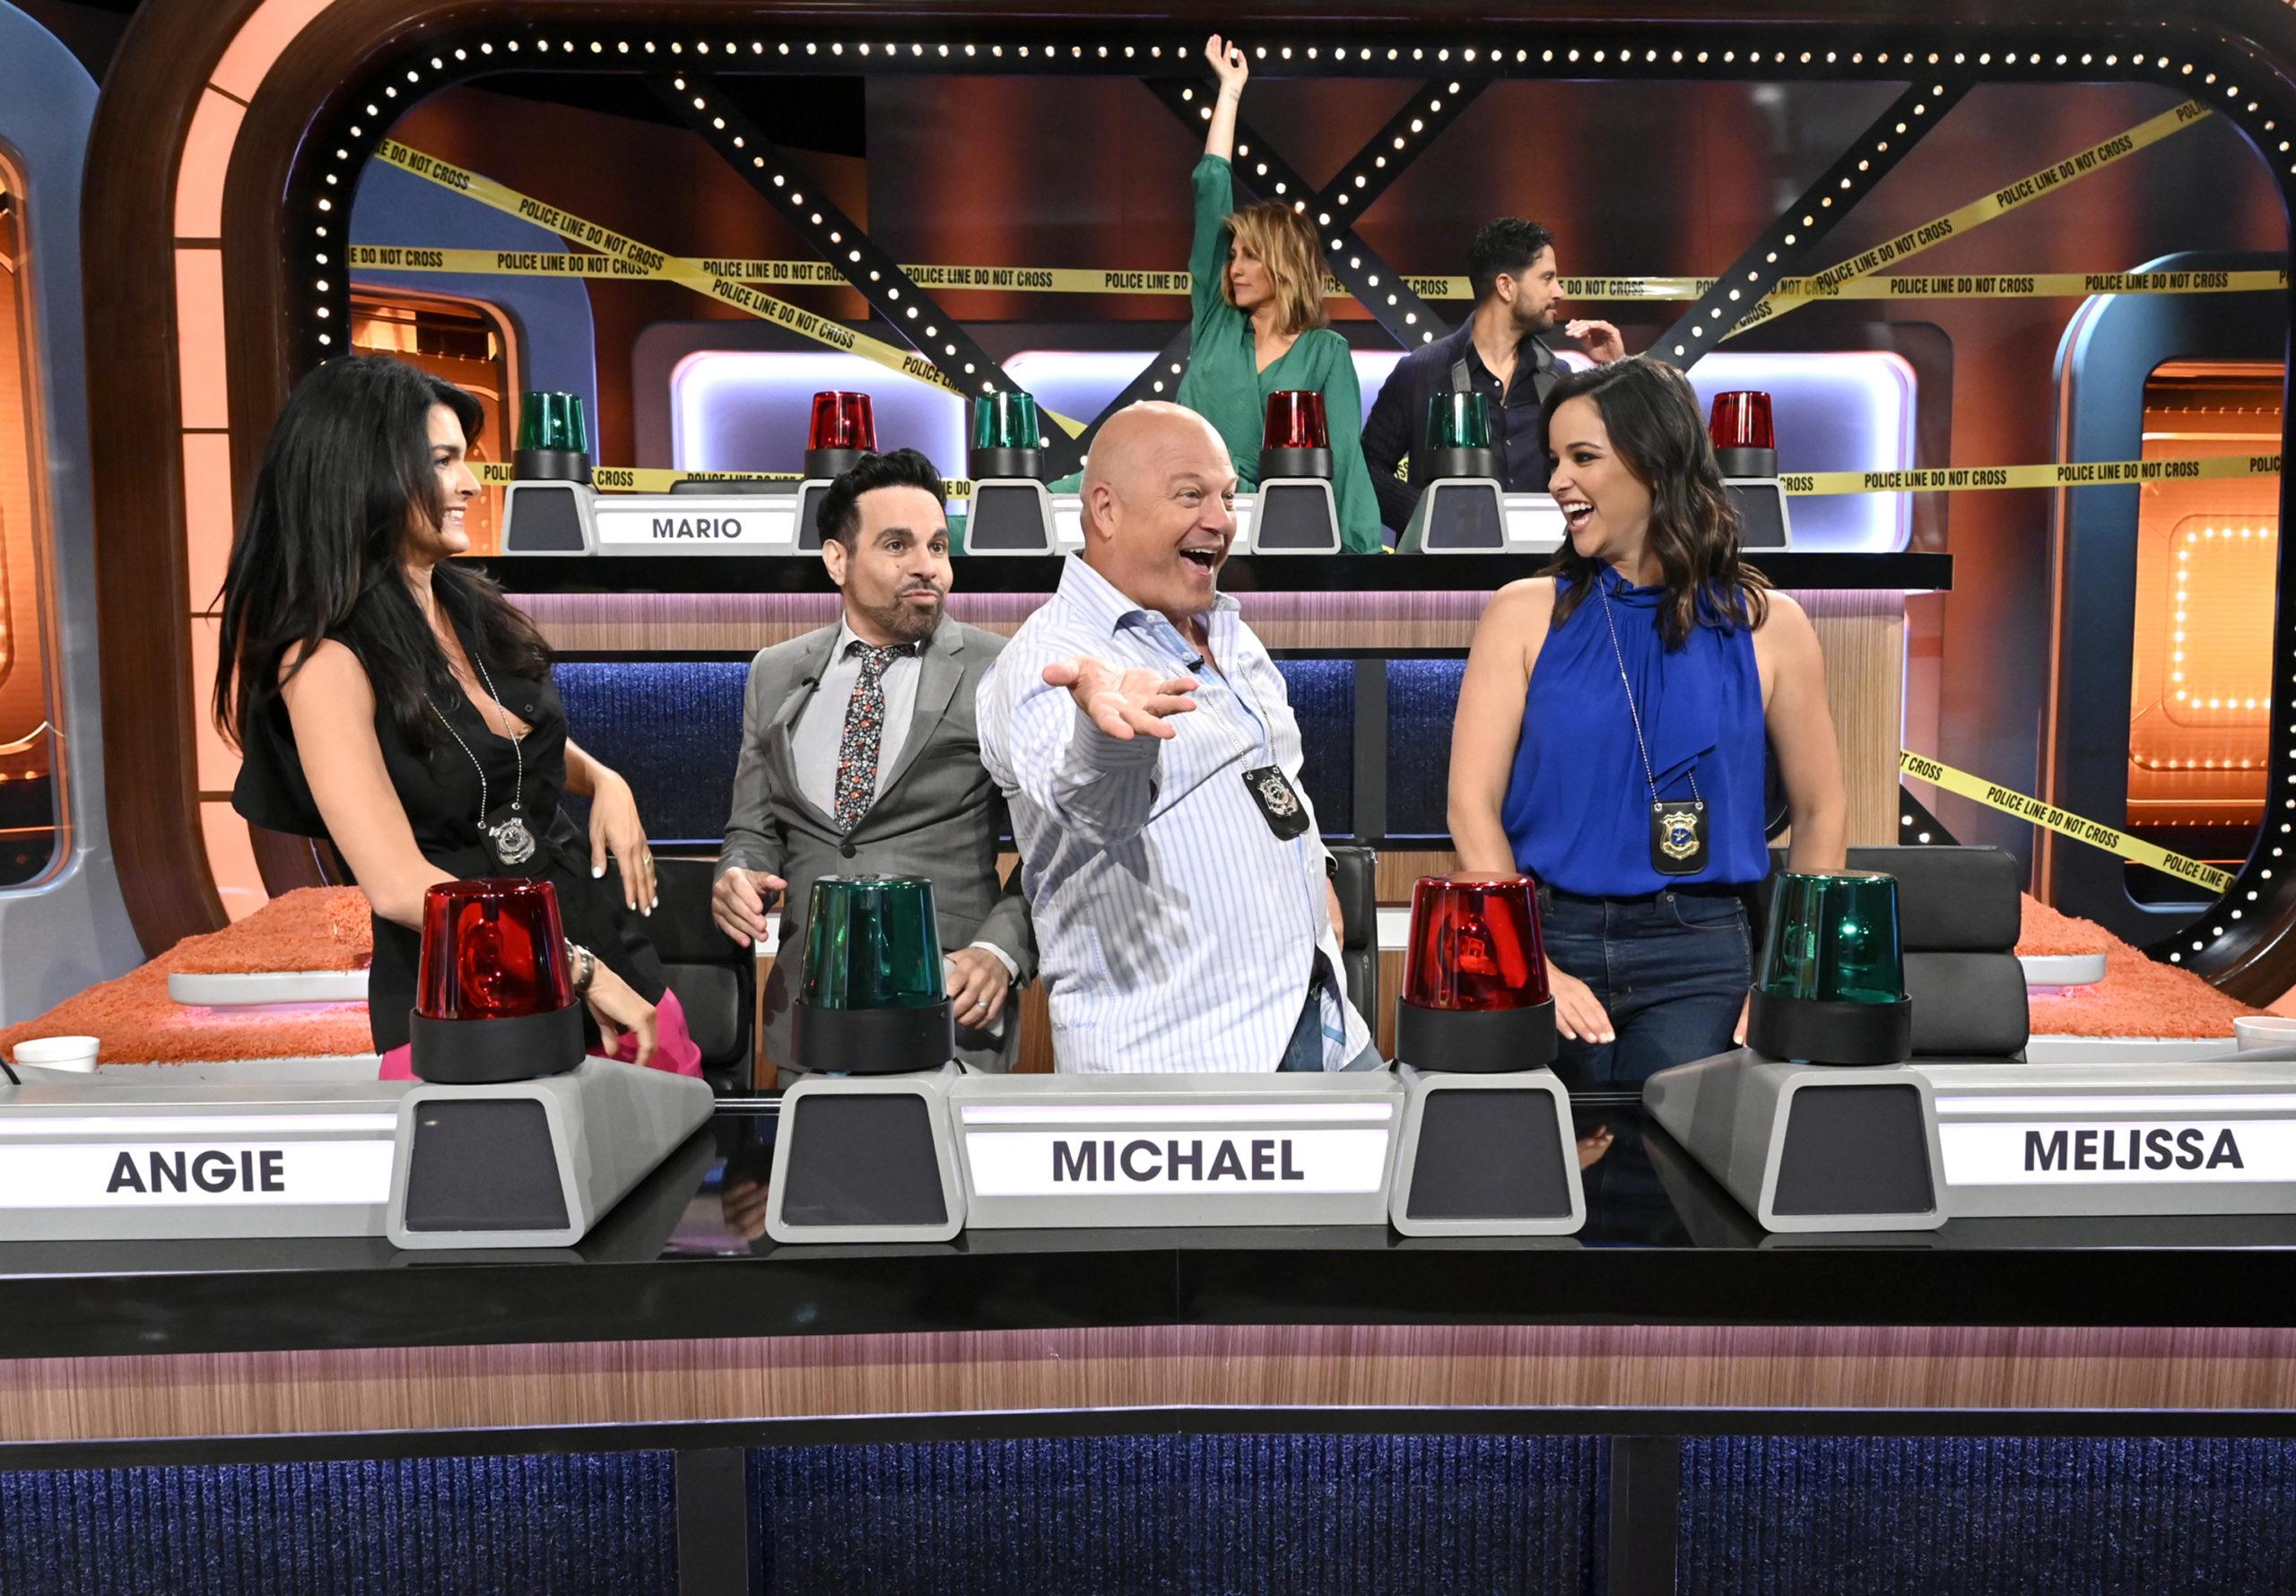 Programa de TV Match Game na ABC: votos dos telespectadores da quinta temporada - programas de TV cancelados + renovados 1